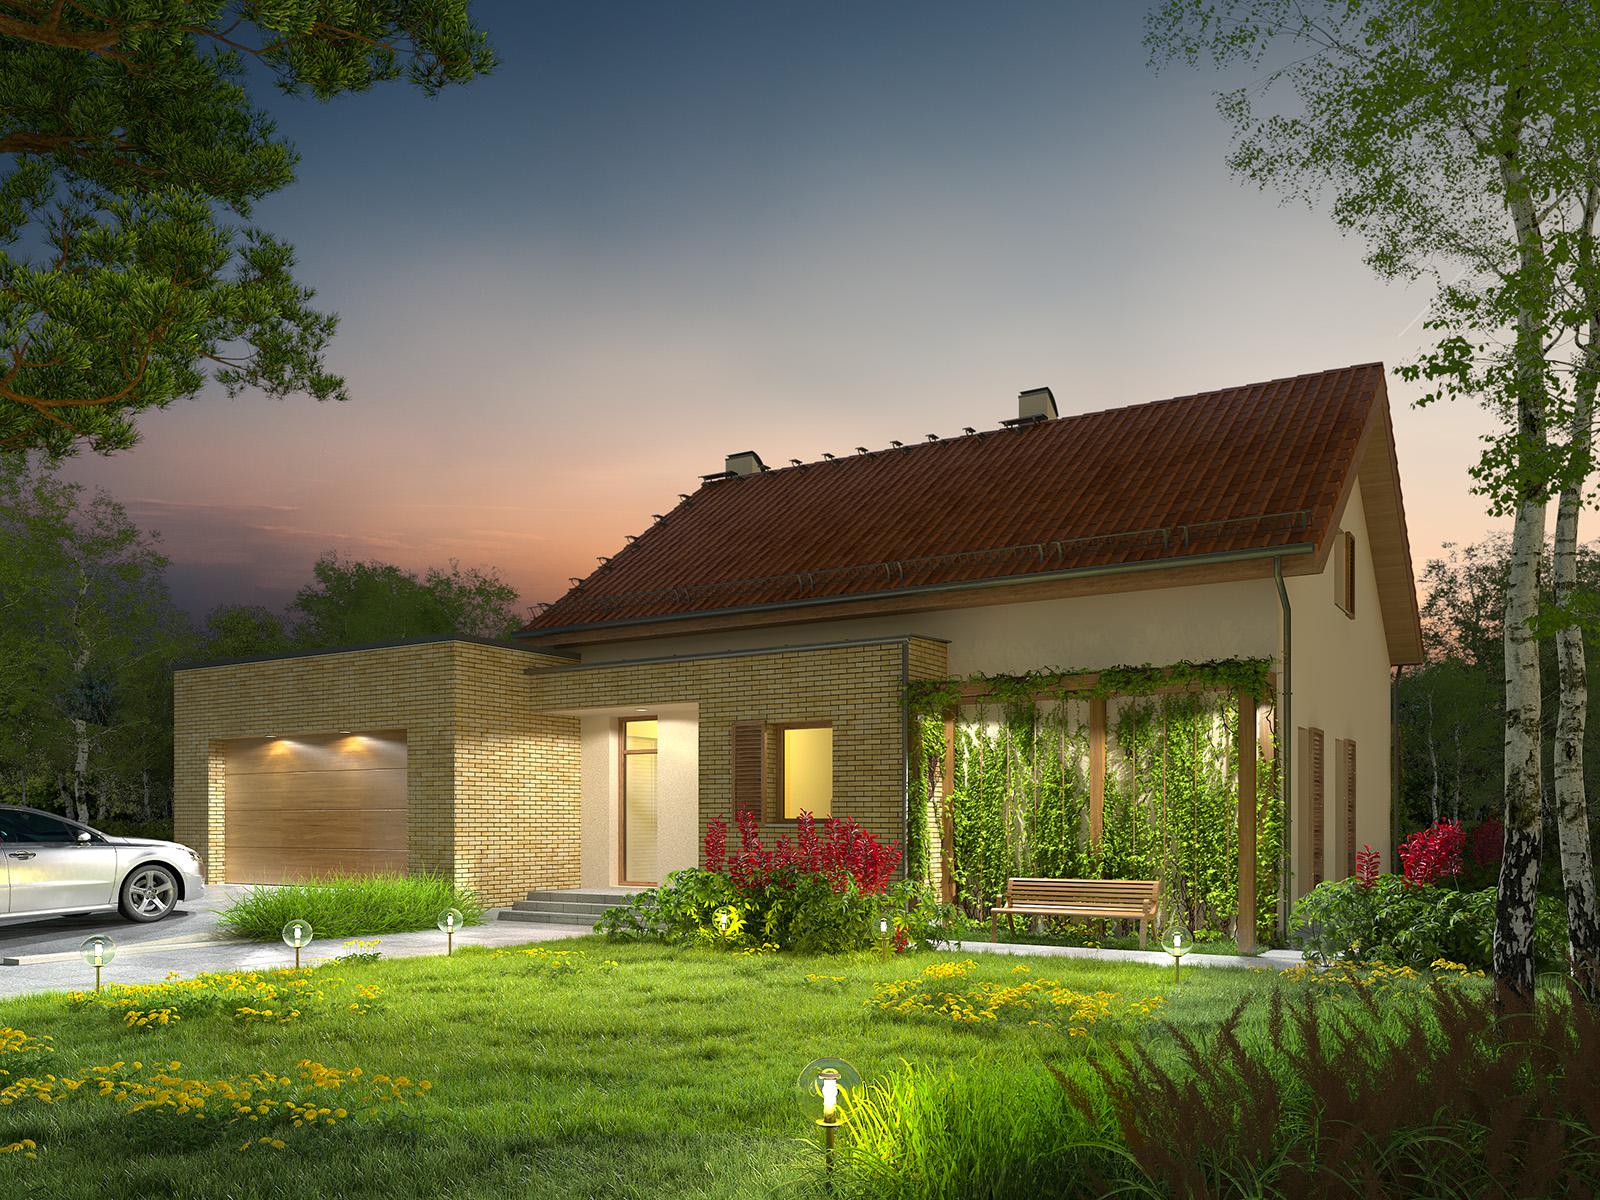 Projekt domu RATAJÓWKA Domy Czystej Energii widok od frontu